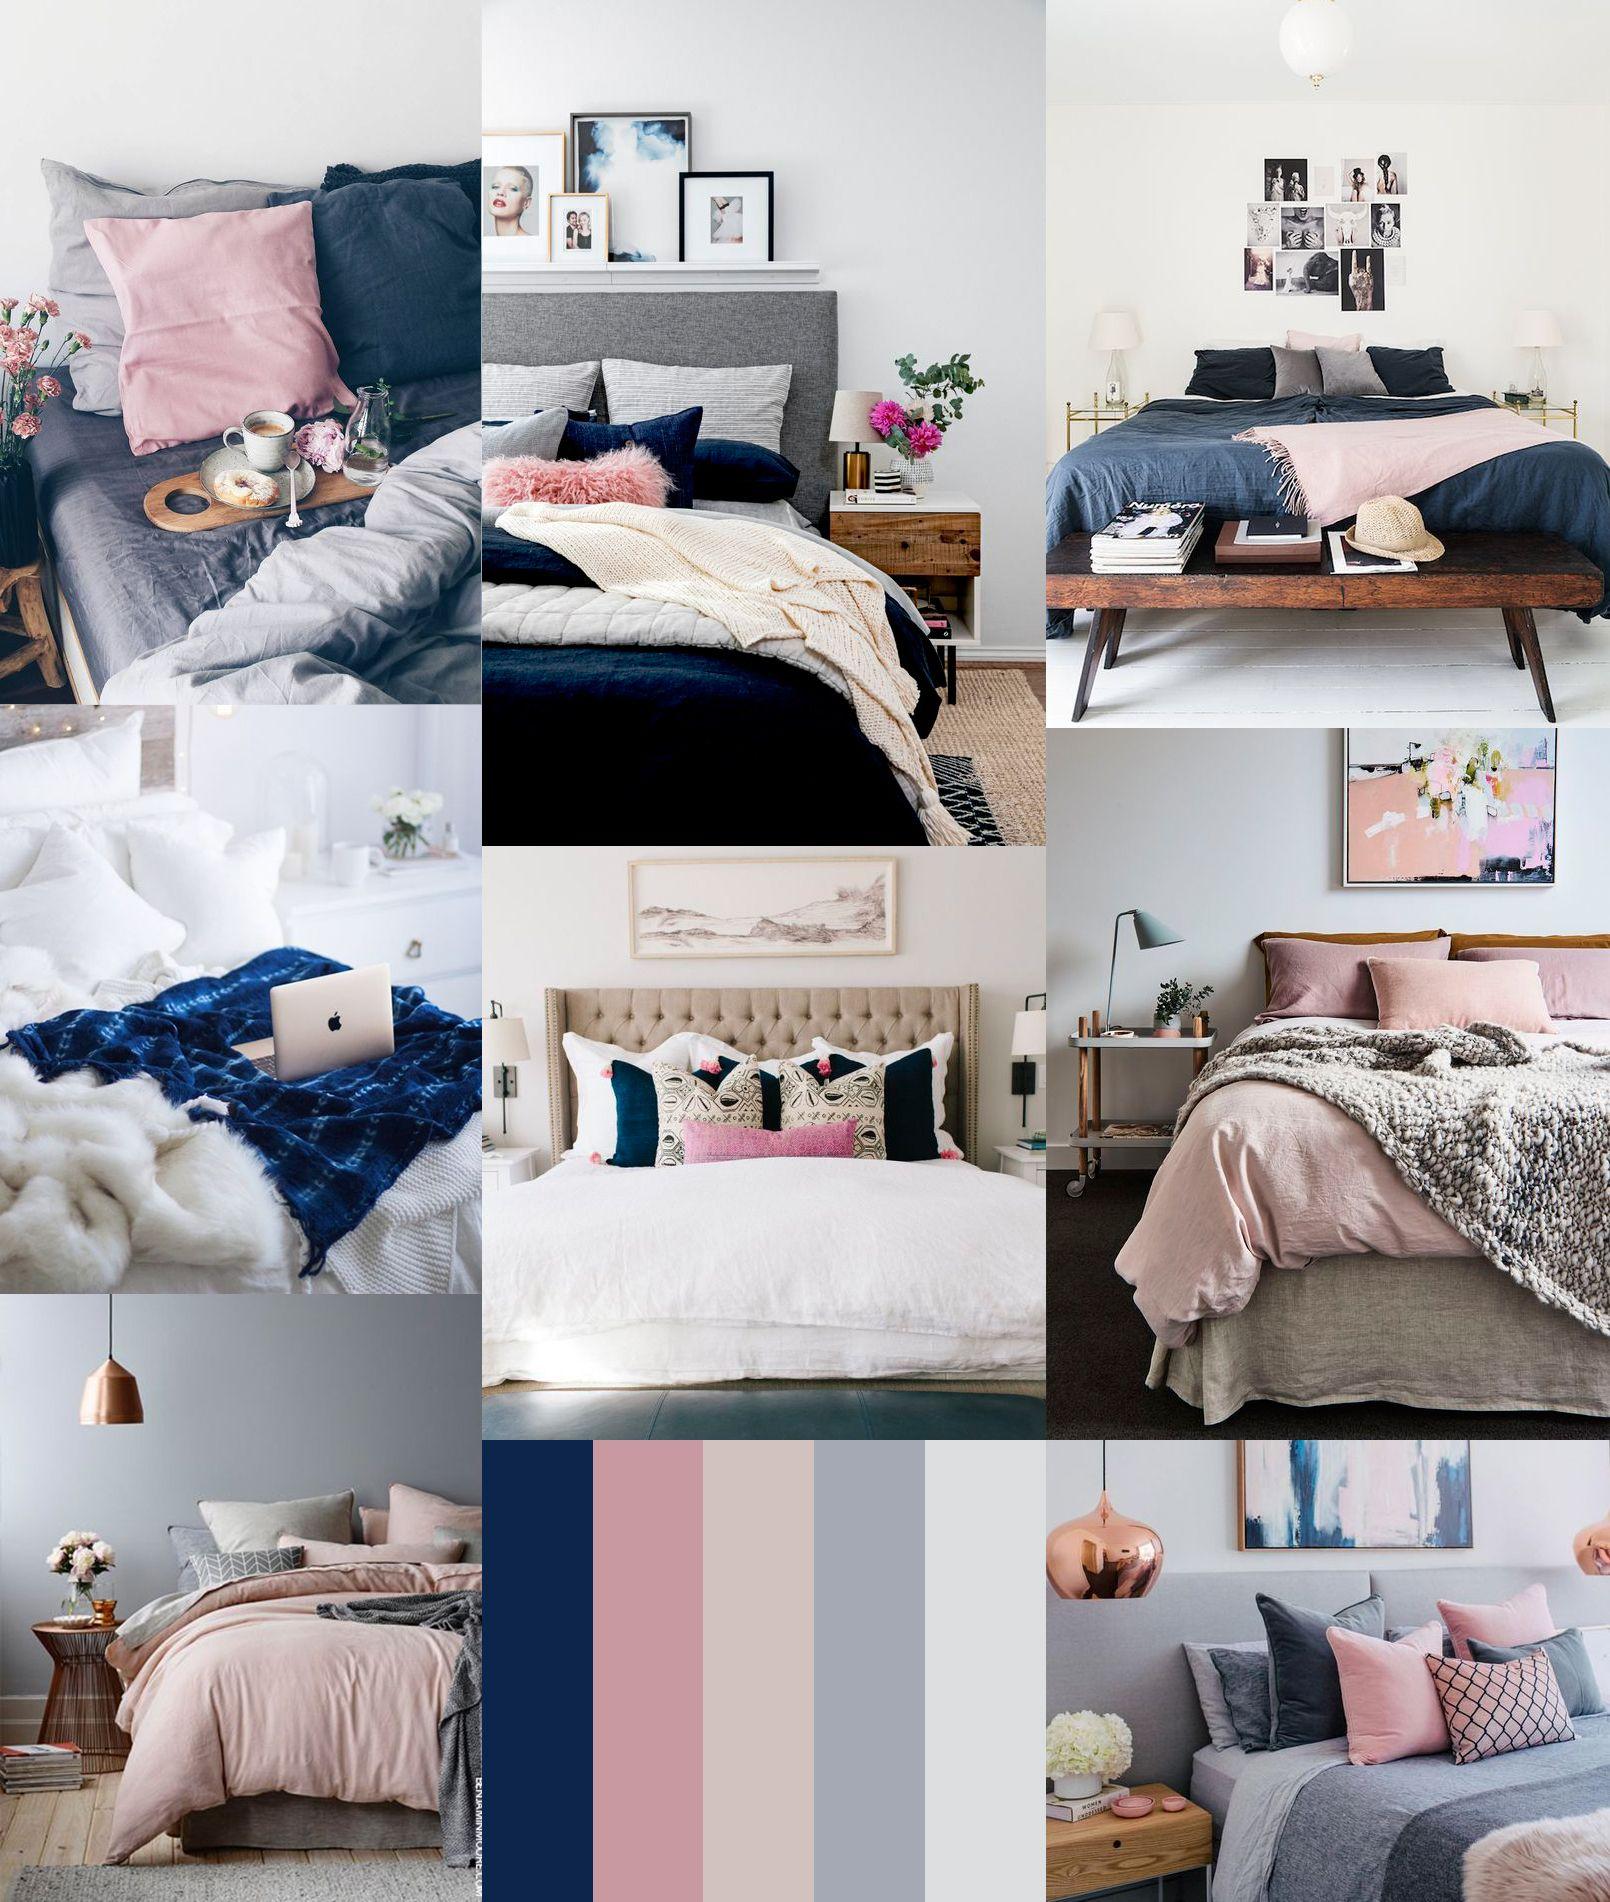 indigo navy blue bedroom Bedding: indigo, denim, navy, slate blue, gray, blush